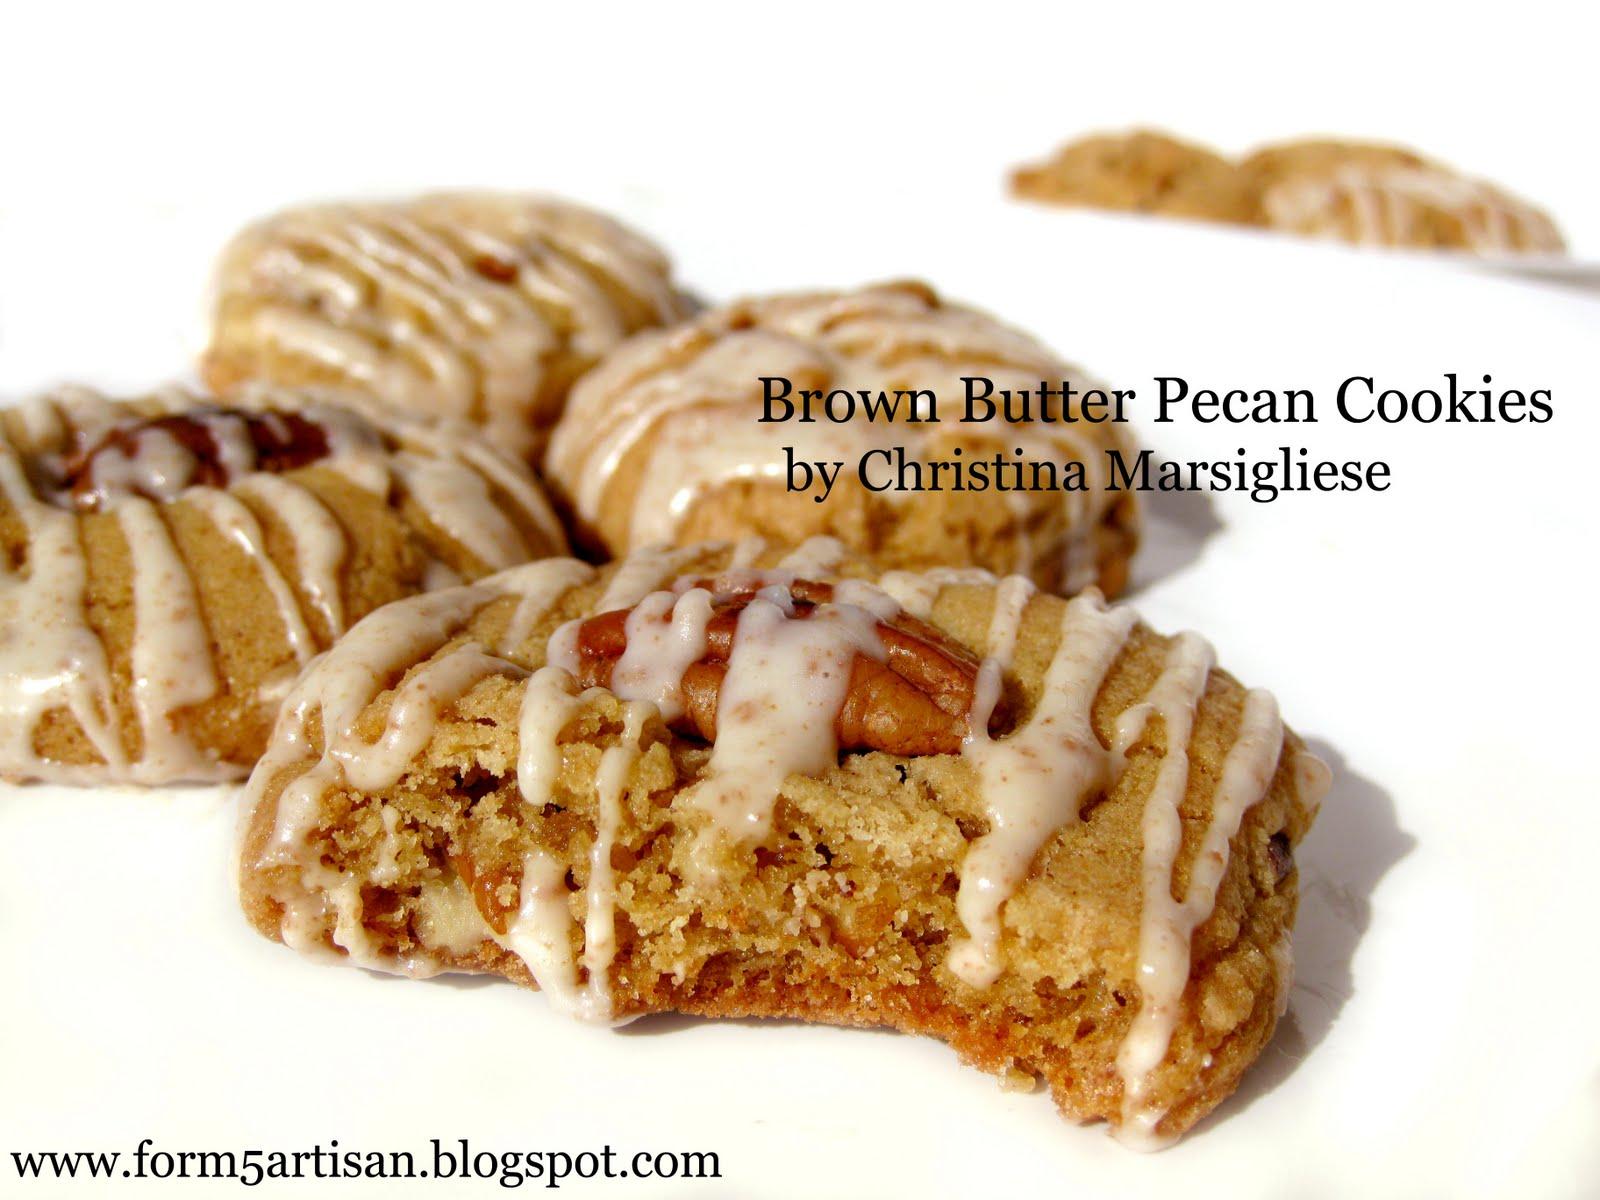 Scientifically Sweet: Brown Butter Pecan Cookies